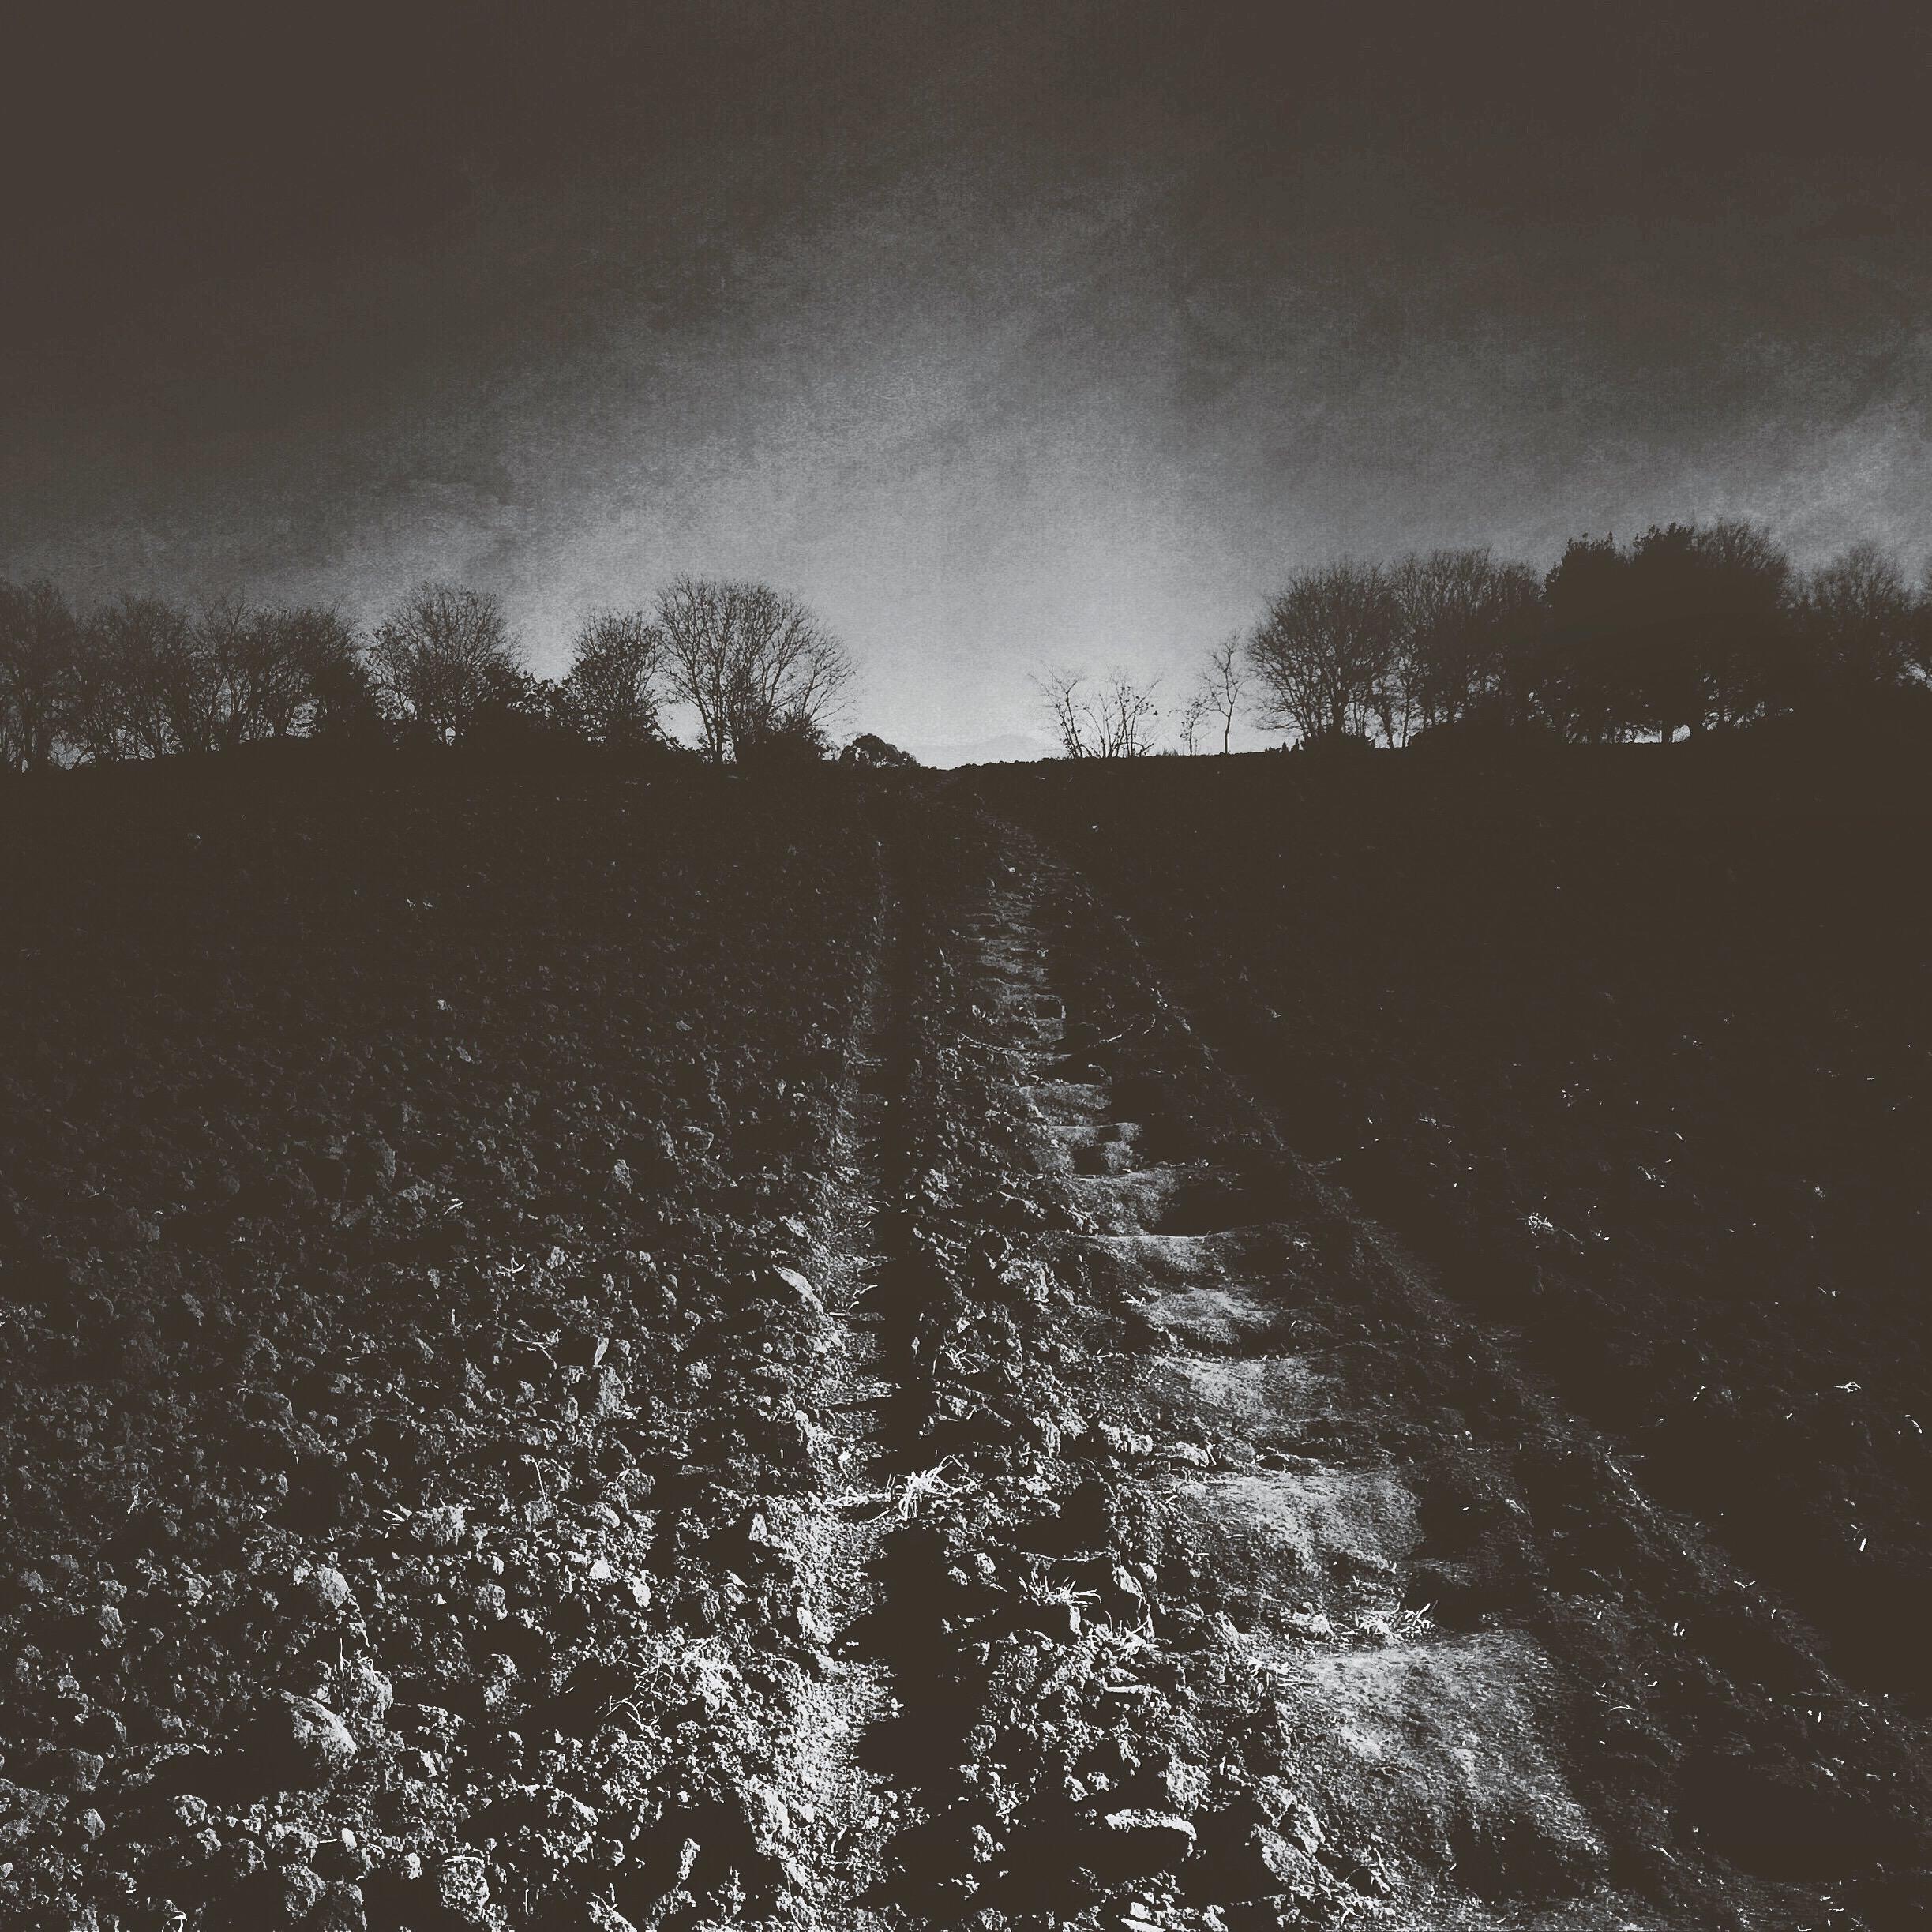 landscape-IMG_7615.JPG